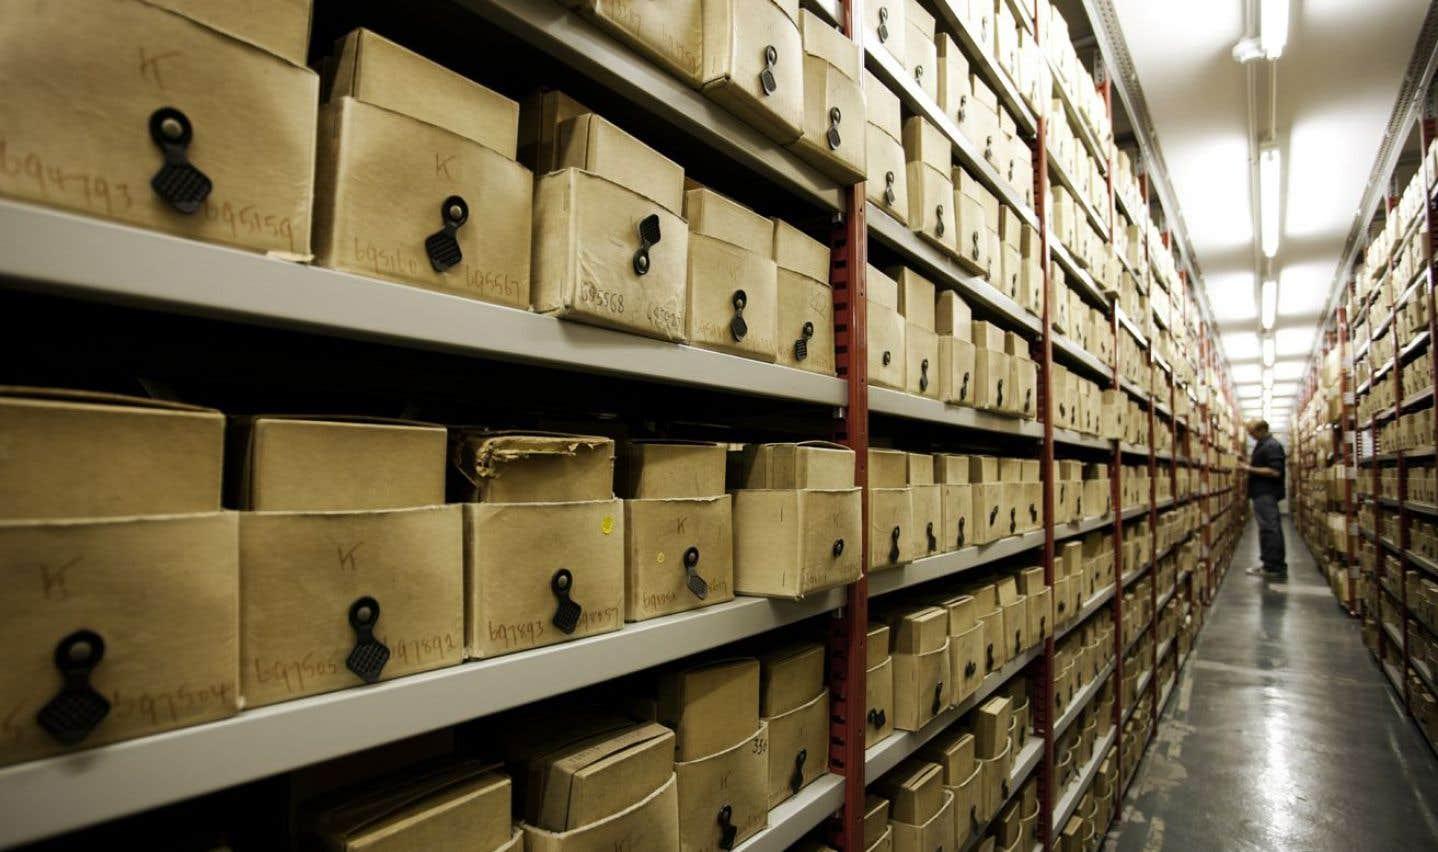 La bibliothèque historique des Finances menacée à son tour